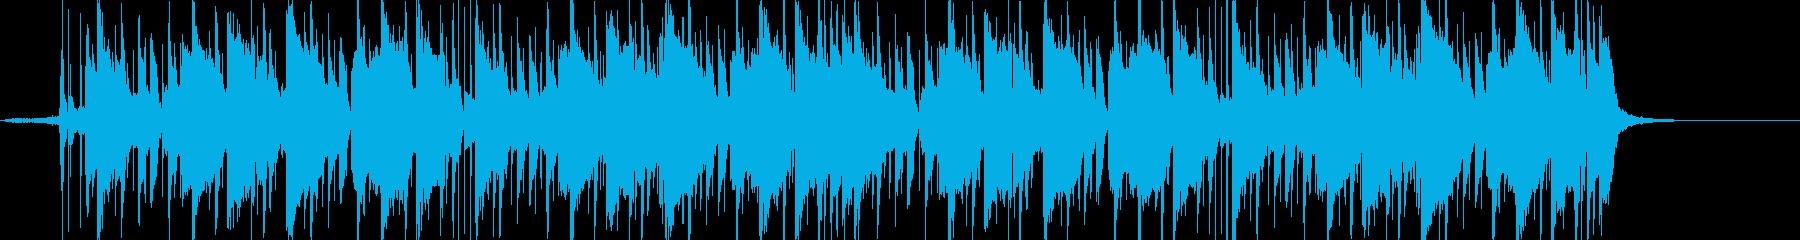 洋楽風・爽やかなFutureBass dの再生済みの波形